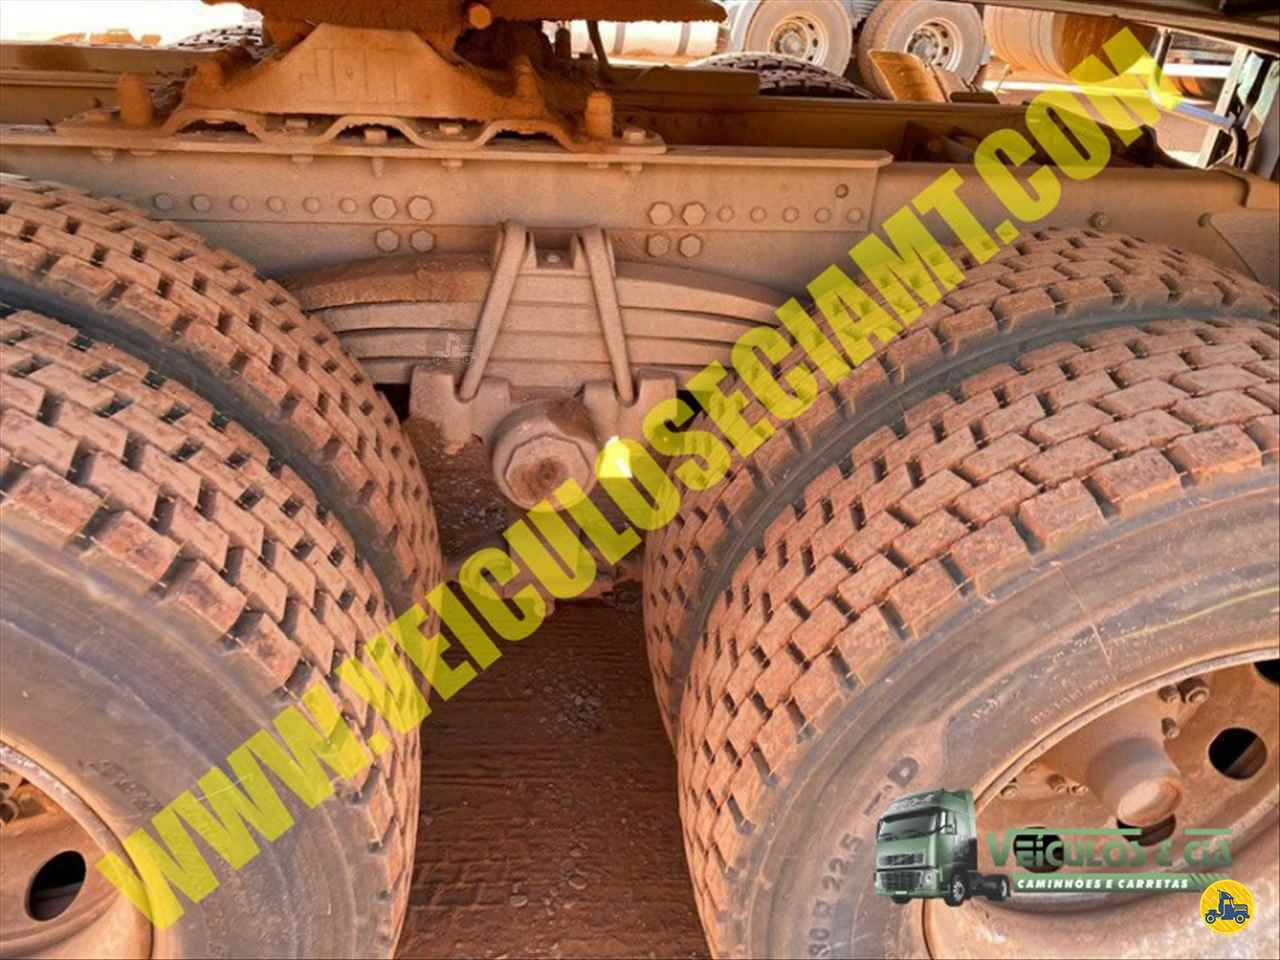 SCANIA SCANIA 420 850000km 2011/2011 Veiculos e Cia